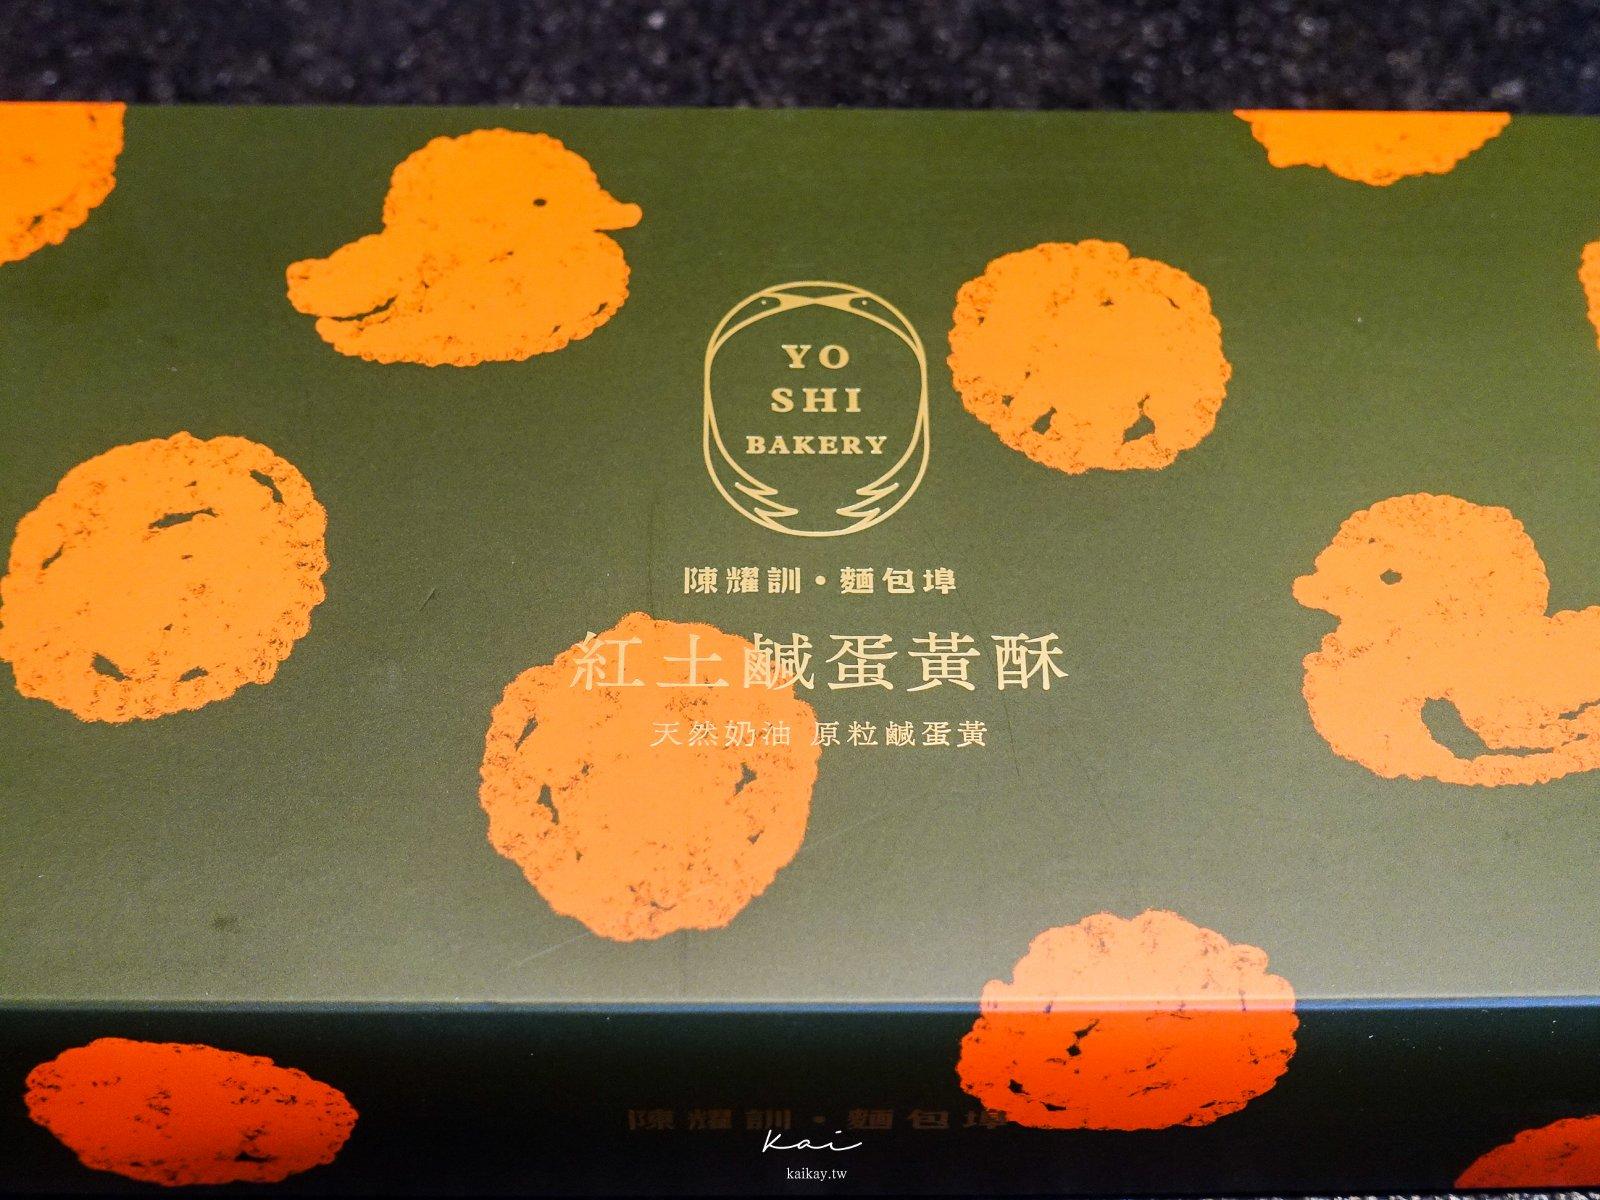 ☆【台北|中山國中站】陳耀訓蛋黃酥。限量秒殺!史上最難買的蛋黃酥界SS級傳說寶可夢